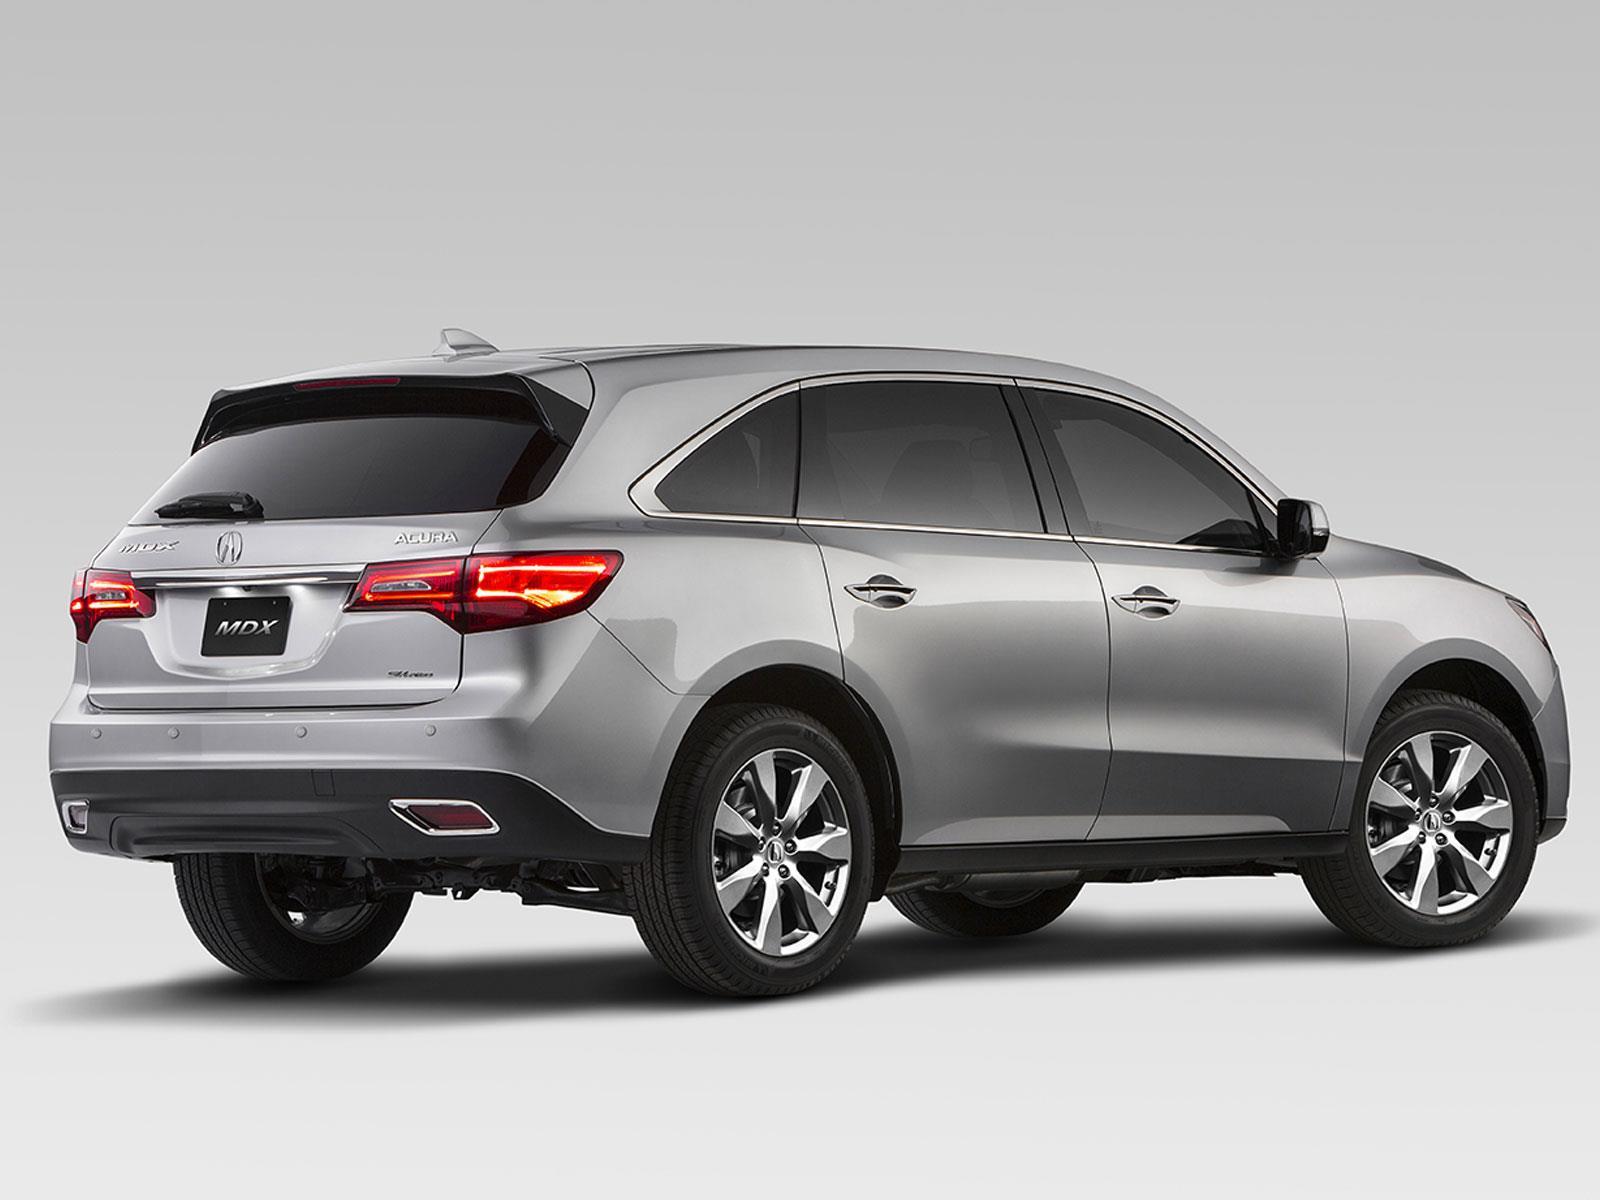 Acura Mdx 2016 Llega A M 233 Xico En 813 900 Pesos